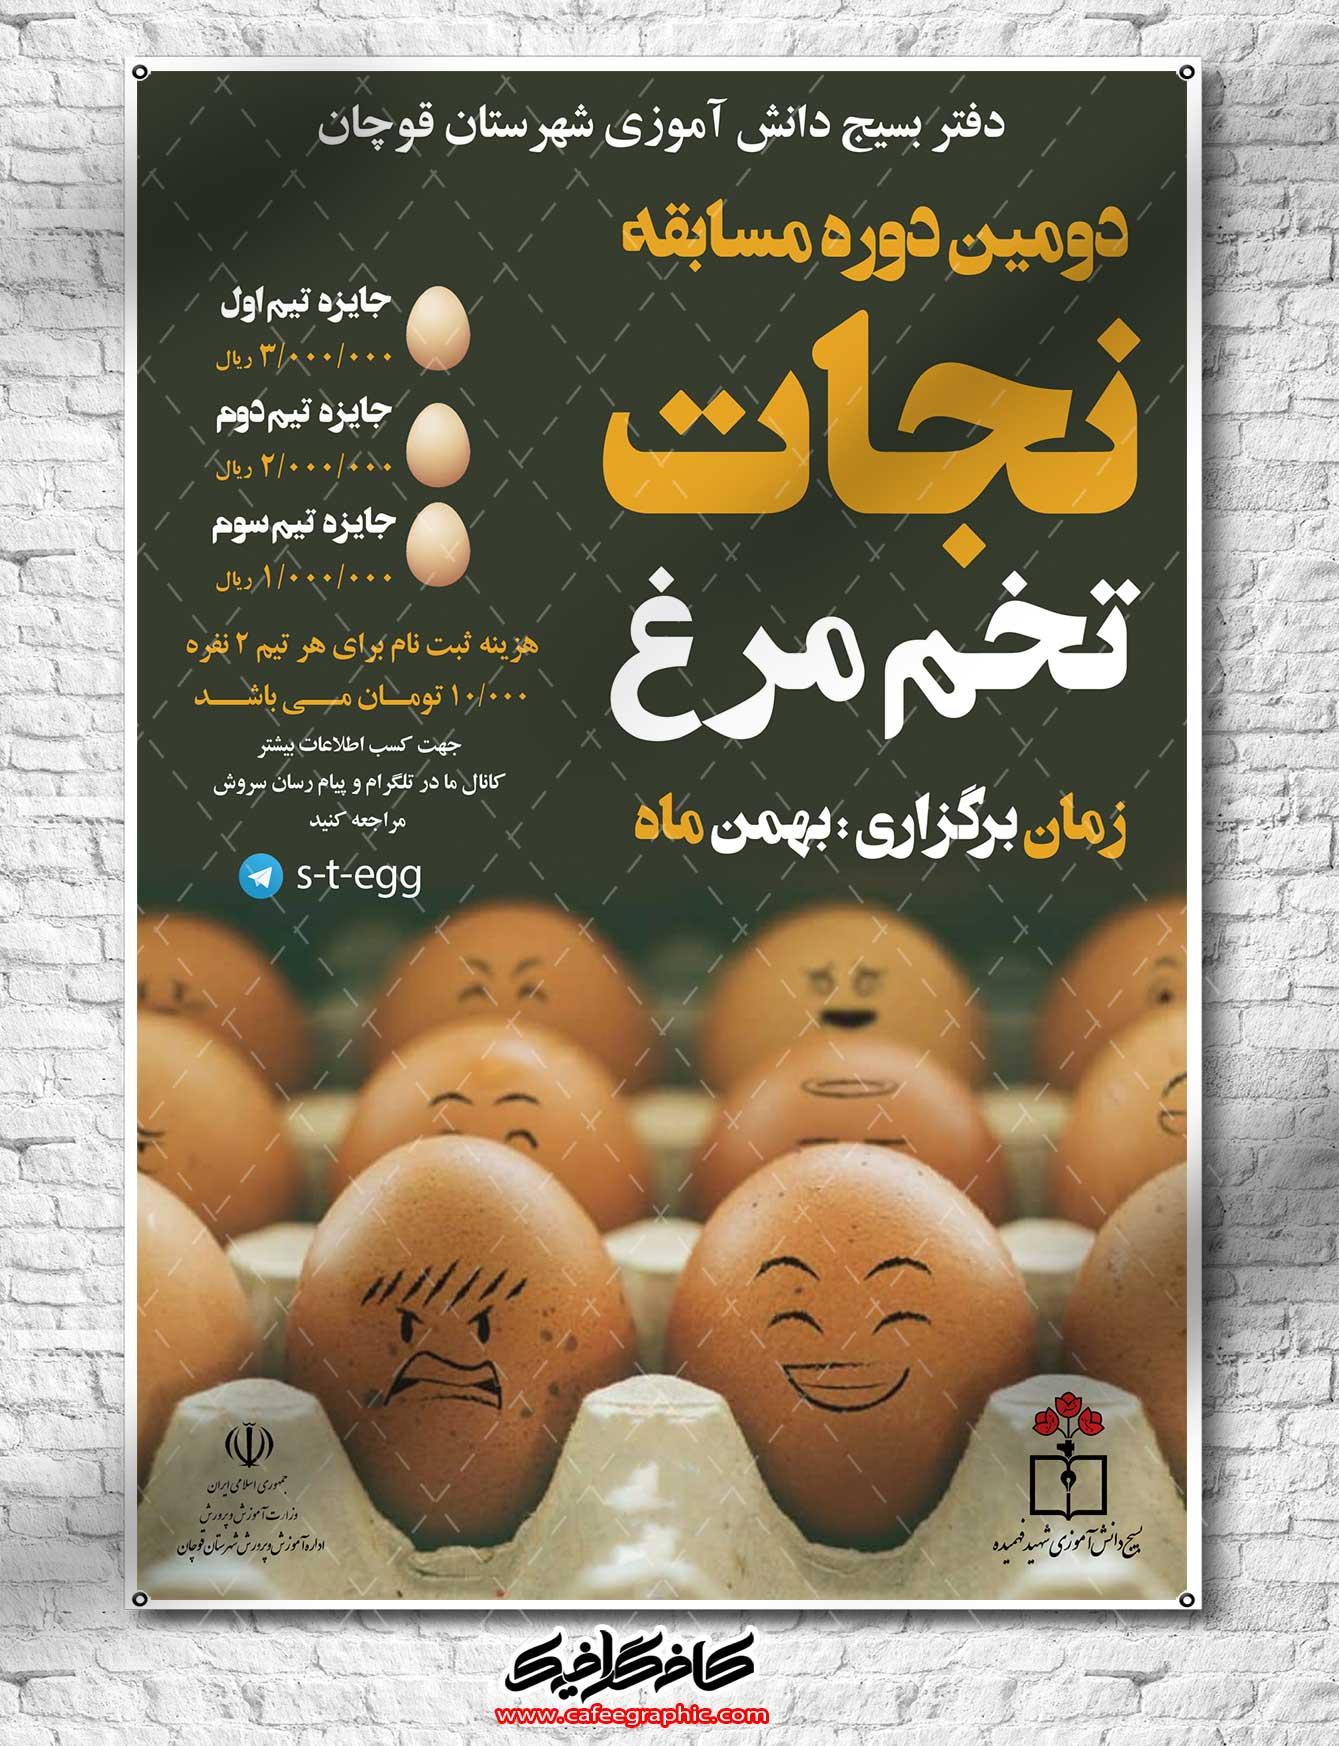 پوستر مسابقات نجات تخم مرغ